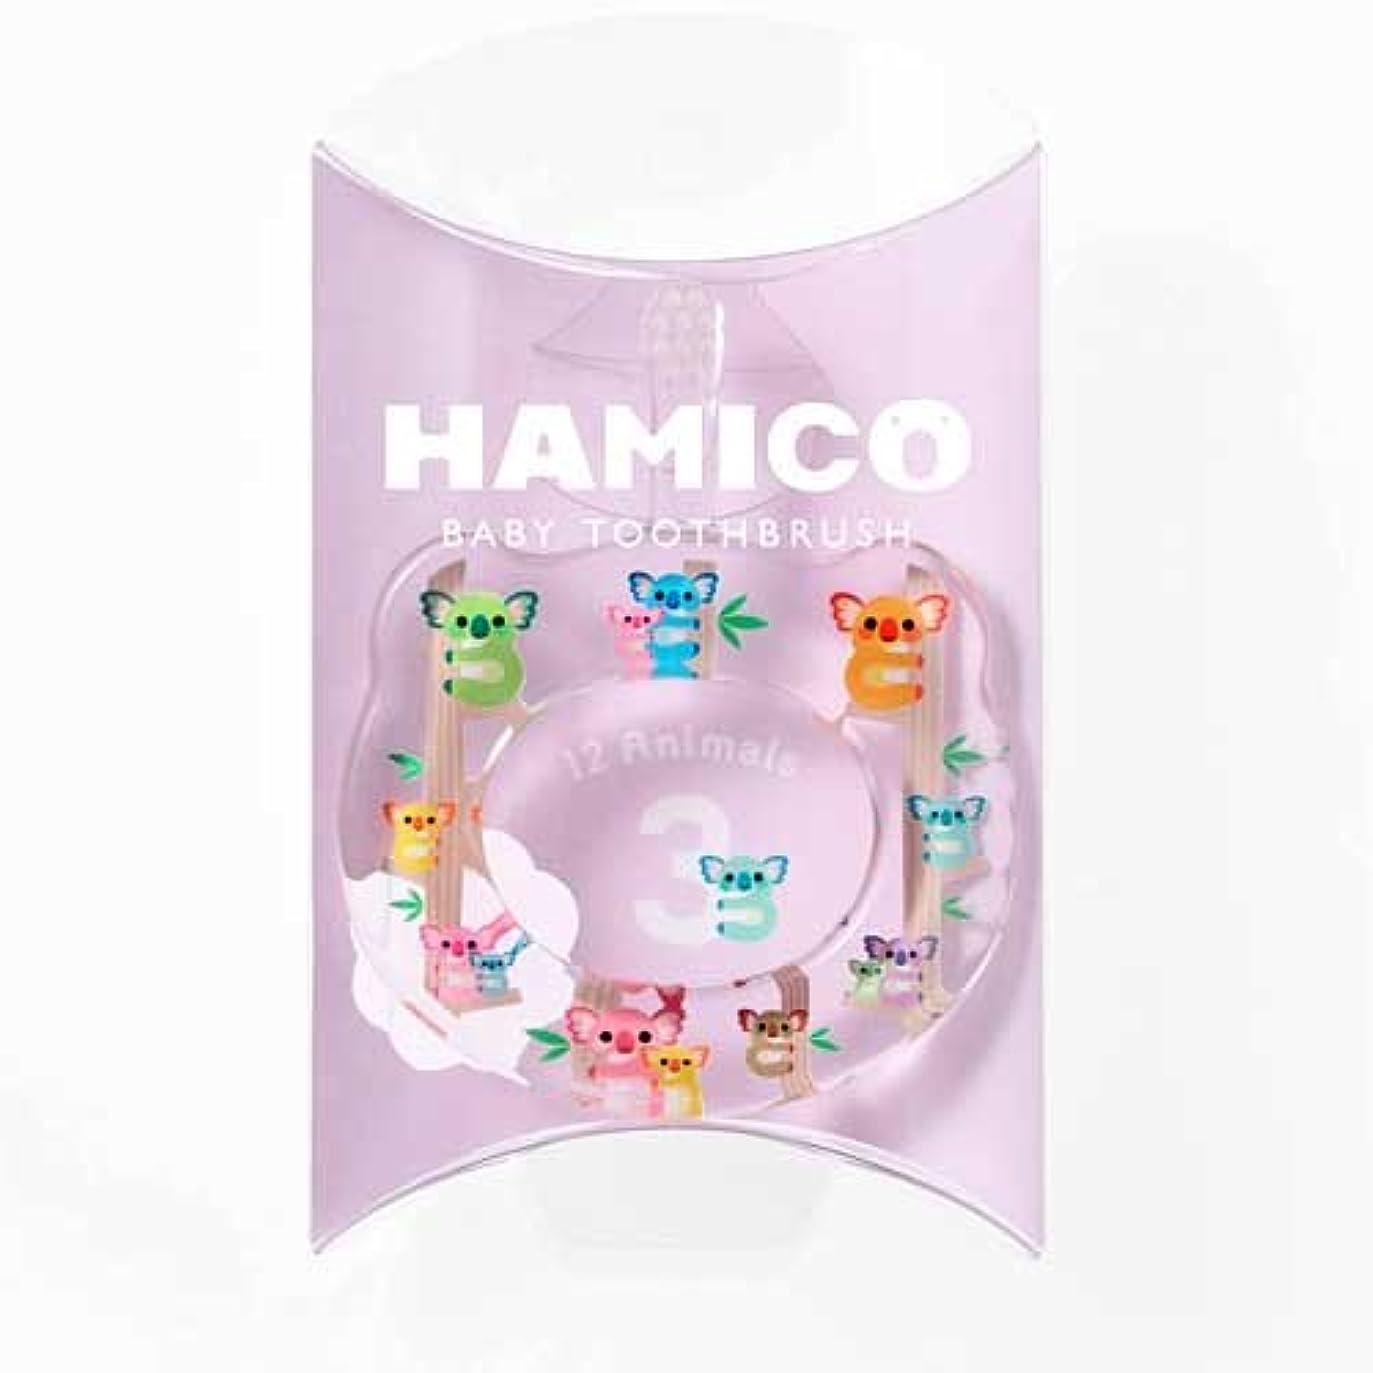 切手サンプル枝HAMICO(ハミコ) ベビー歯ブラシ 「12 Animals(12アニマルズ)」シリーズ コアラ (03)